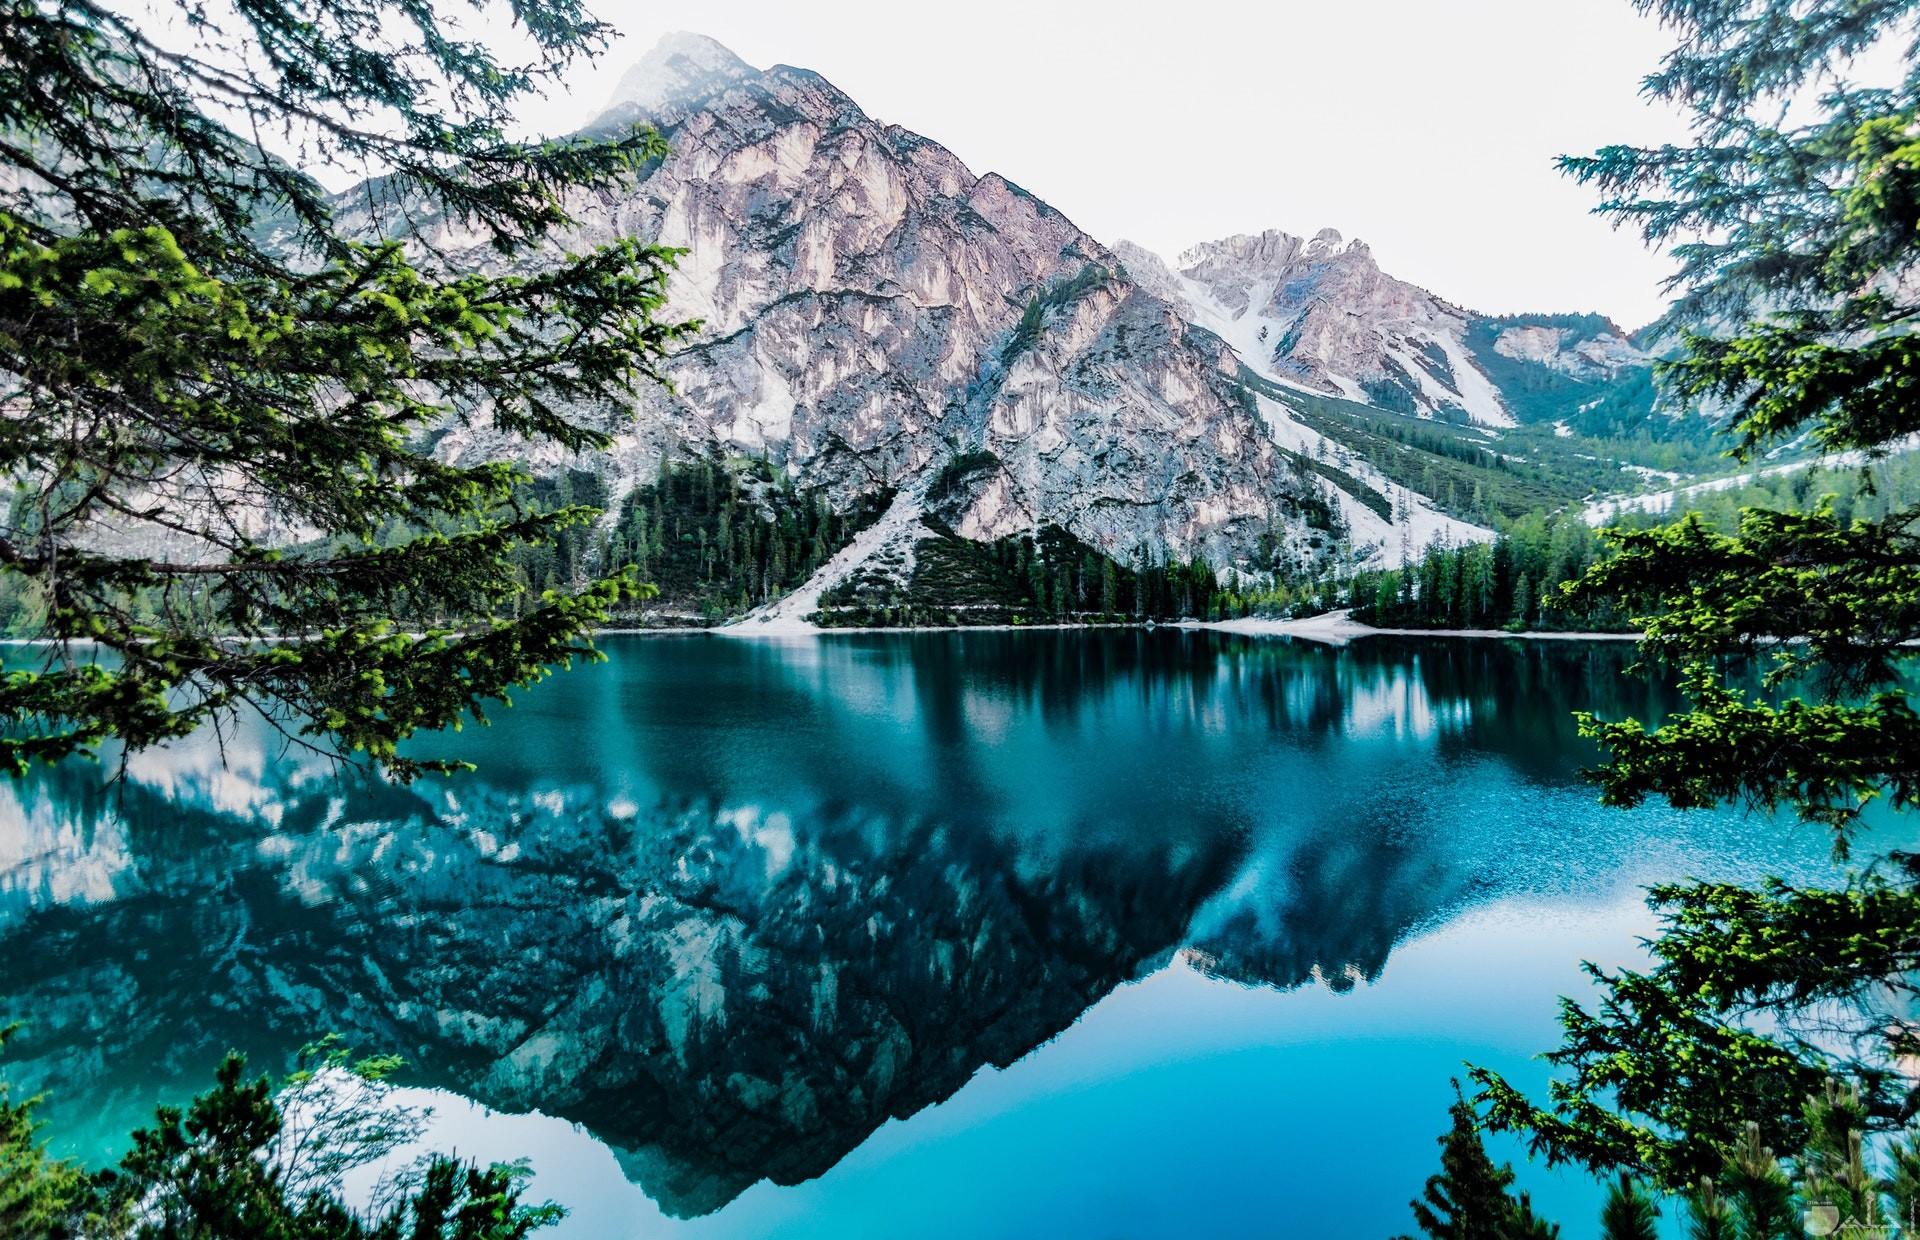 أجمل صور مناظر طبيعية 10